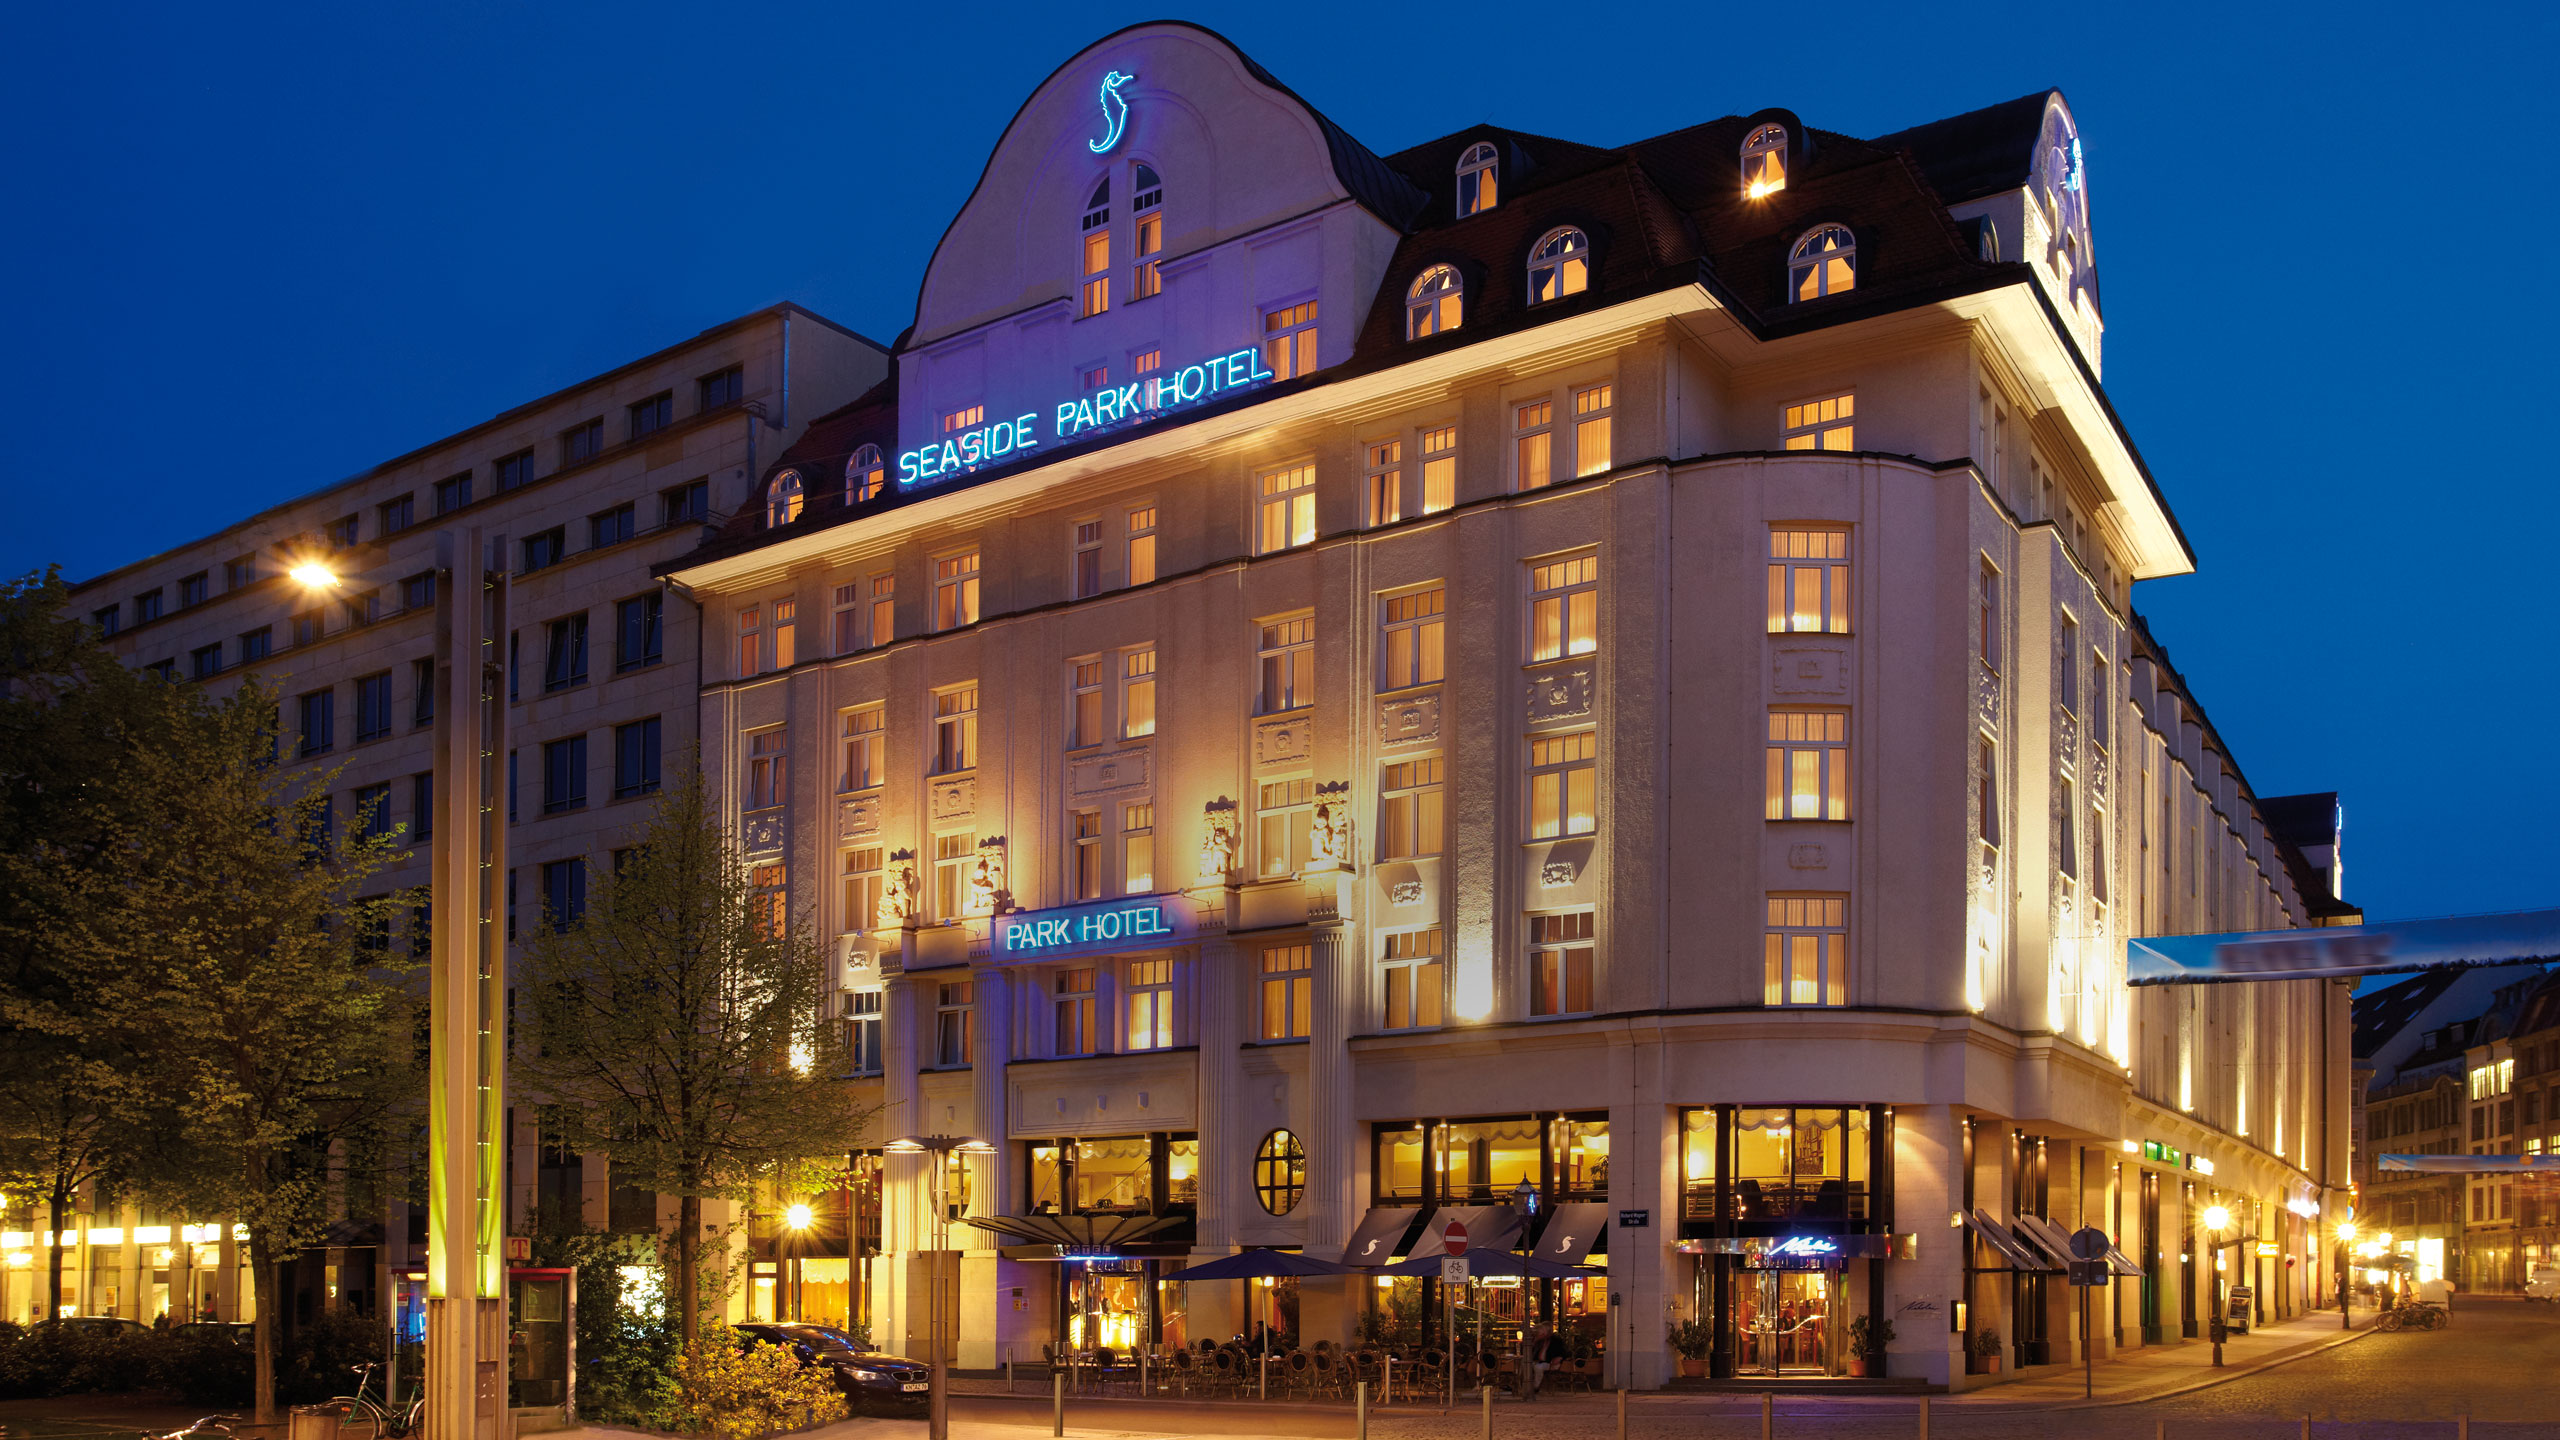 Speisekarte Hotel Ott Bad Krozingen